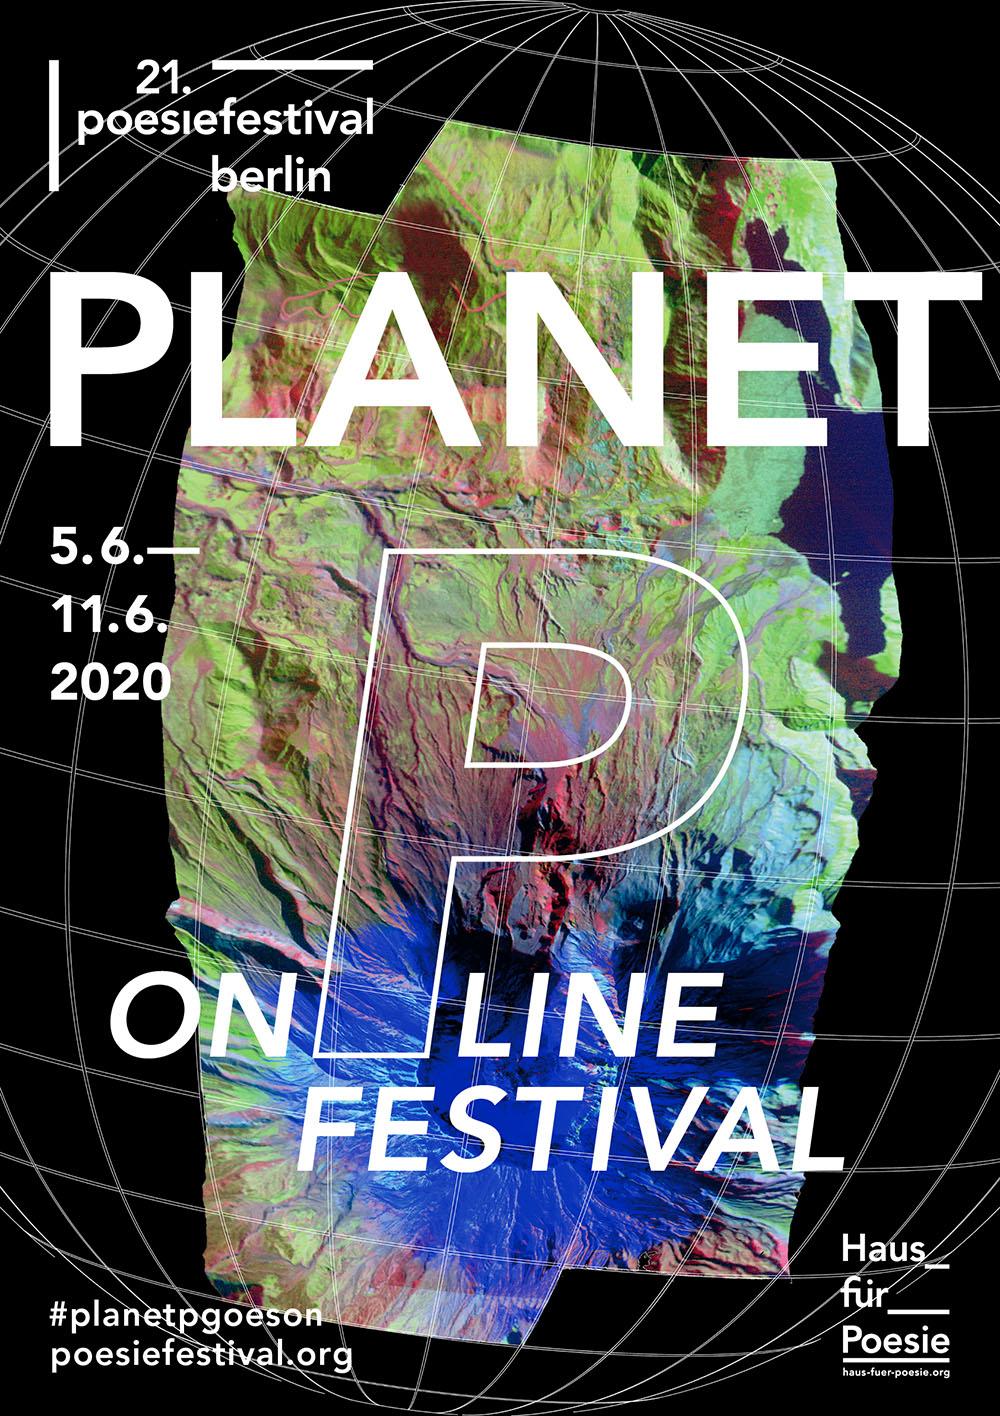 21. poesiefestival berlin 2020 online